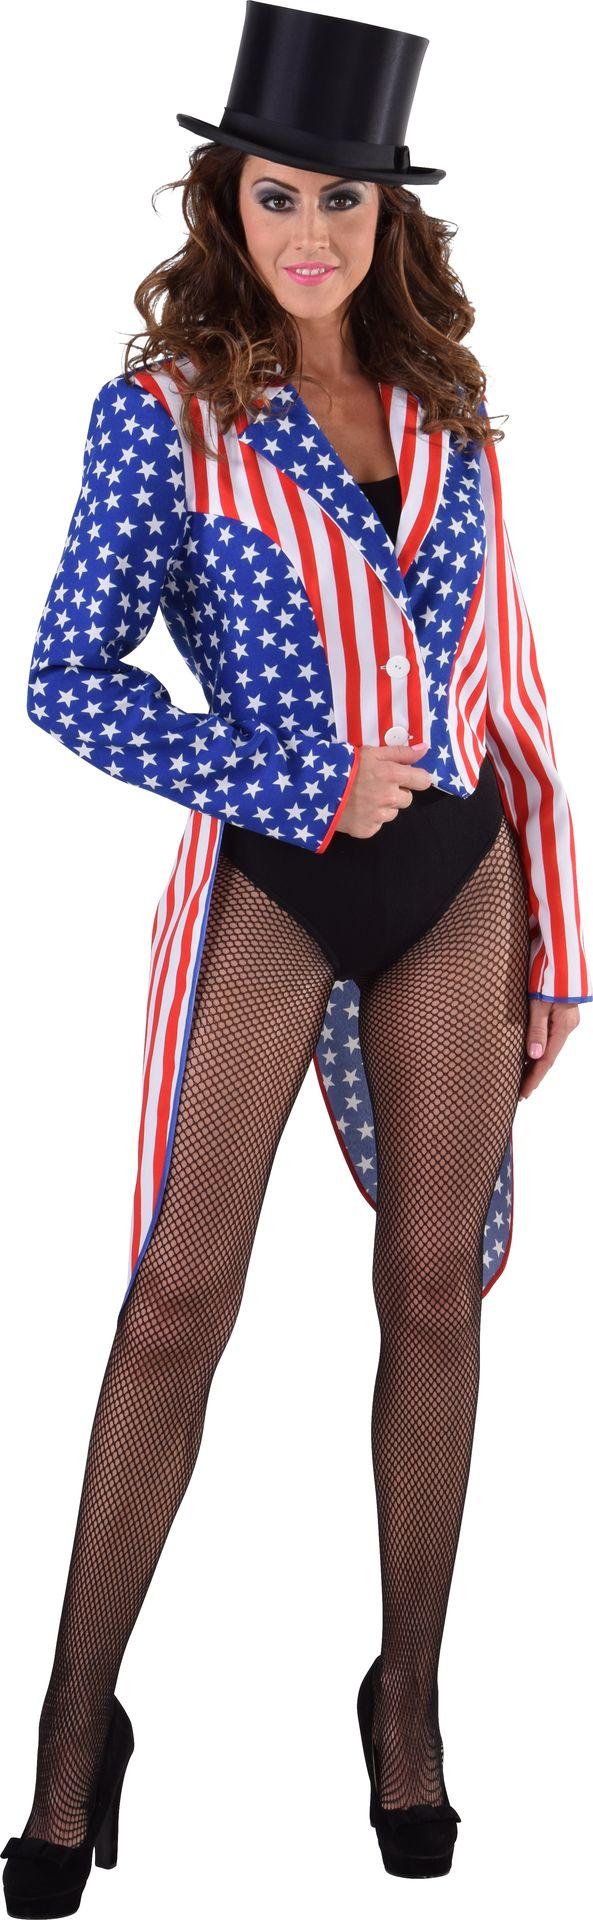 Slipjas dames amerikaanse vlag